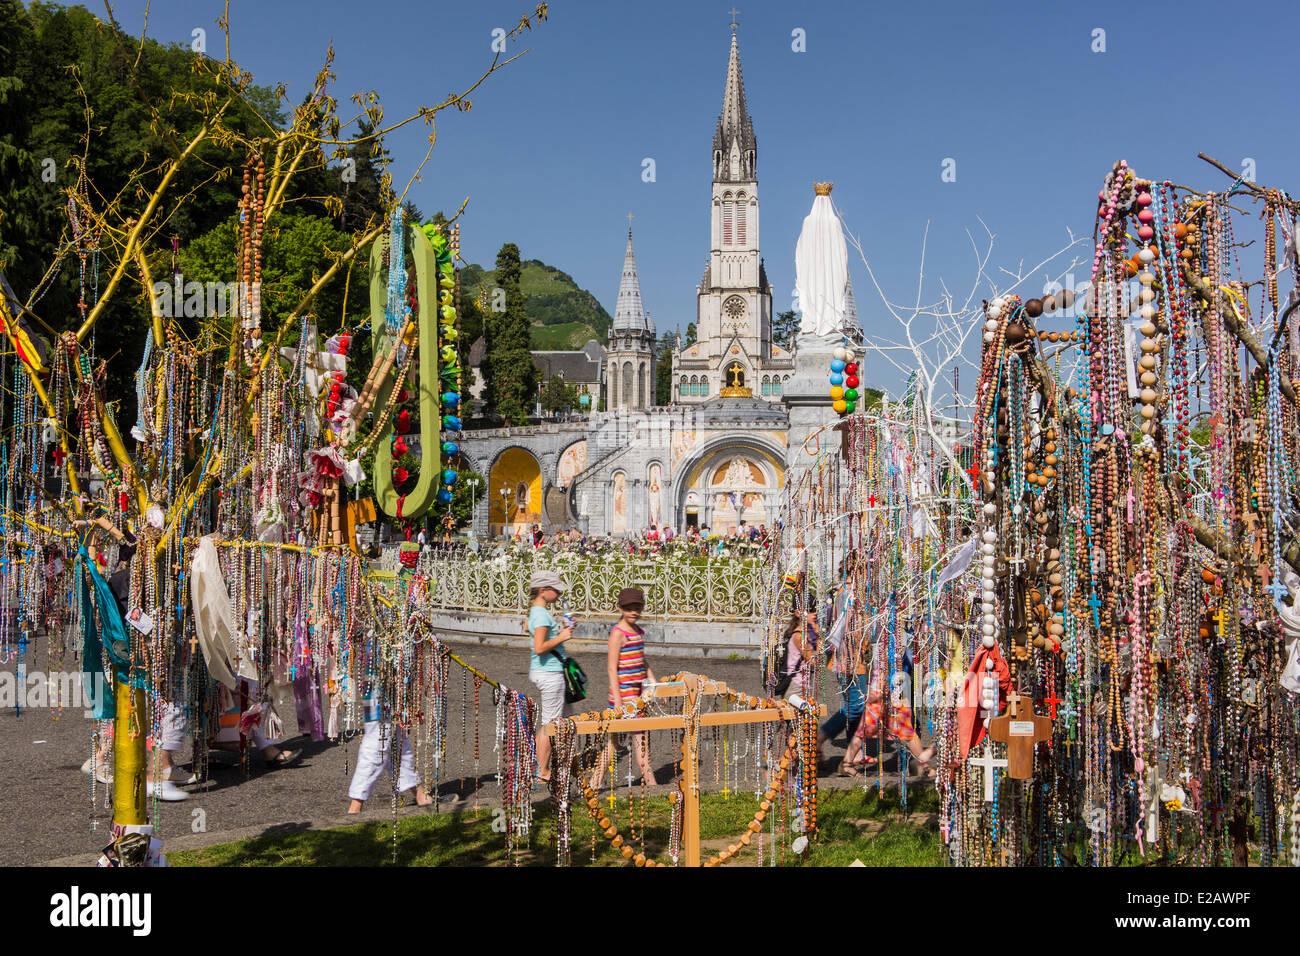 France, Hautes Pyrenees, Lourdes, Basilique Notre Dame de Lourdes, rosaries left by pelerins - Stock Image